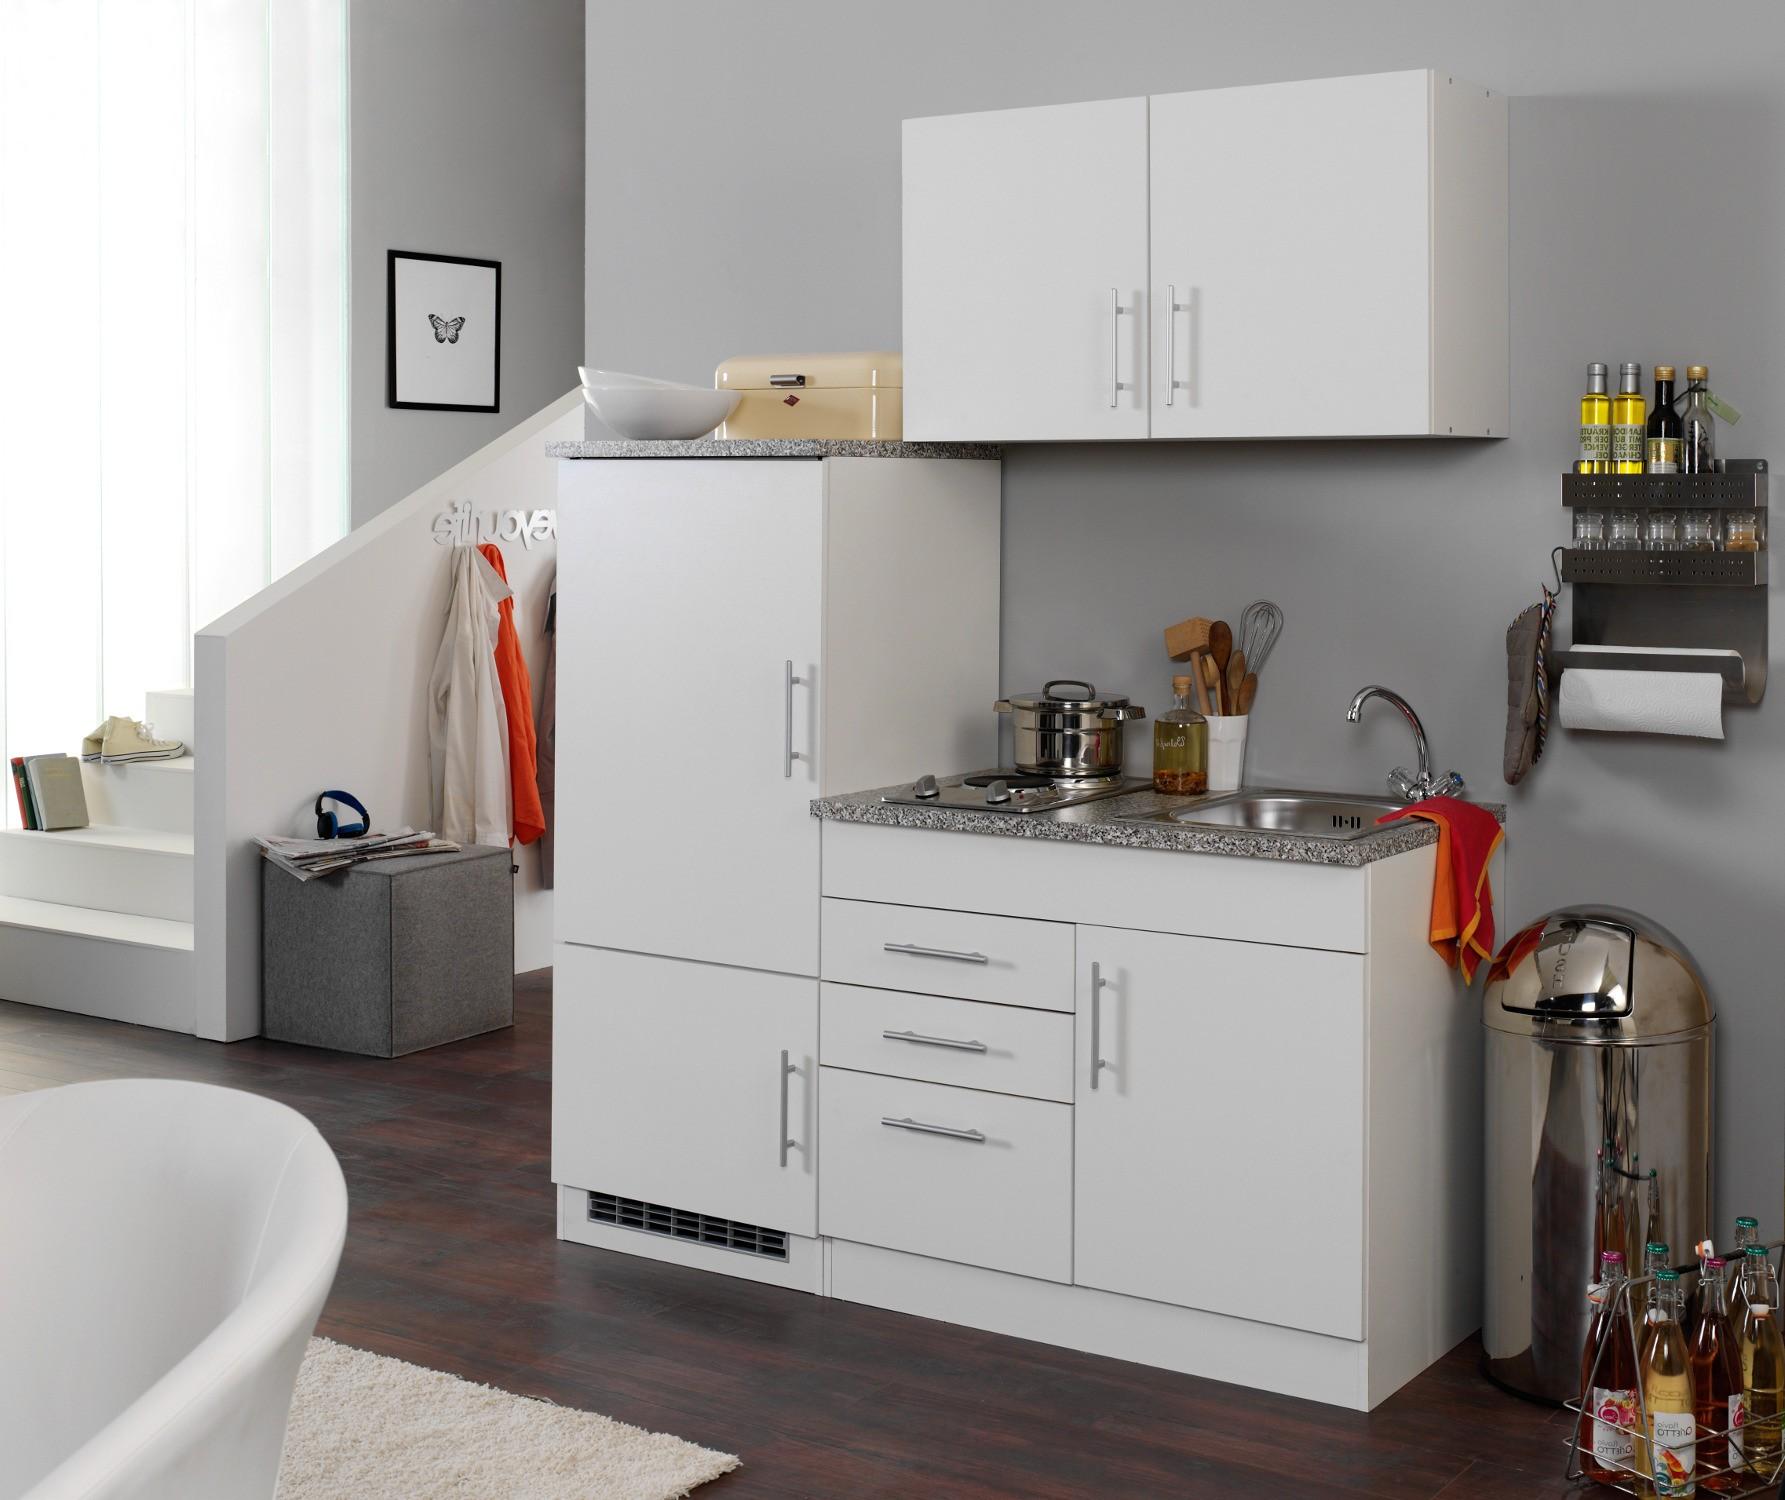 Singlek che berlin breite 160 cm wei k che singlek chen - Cucine per miniappartamenti ...